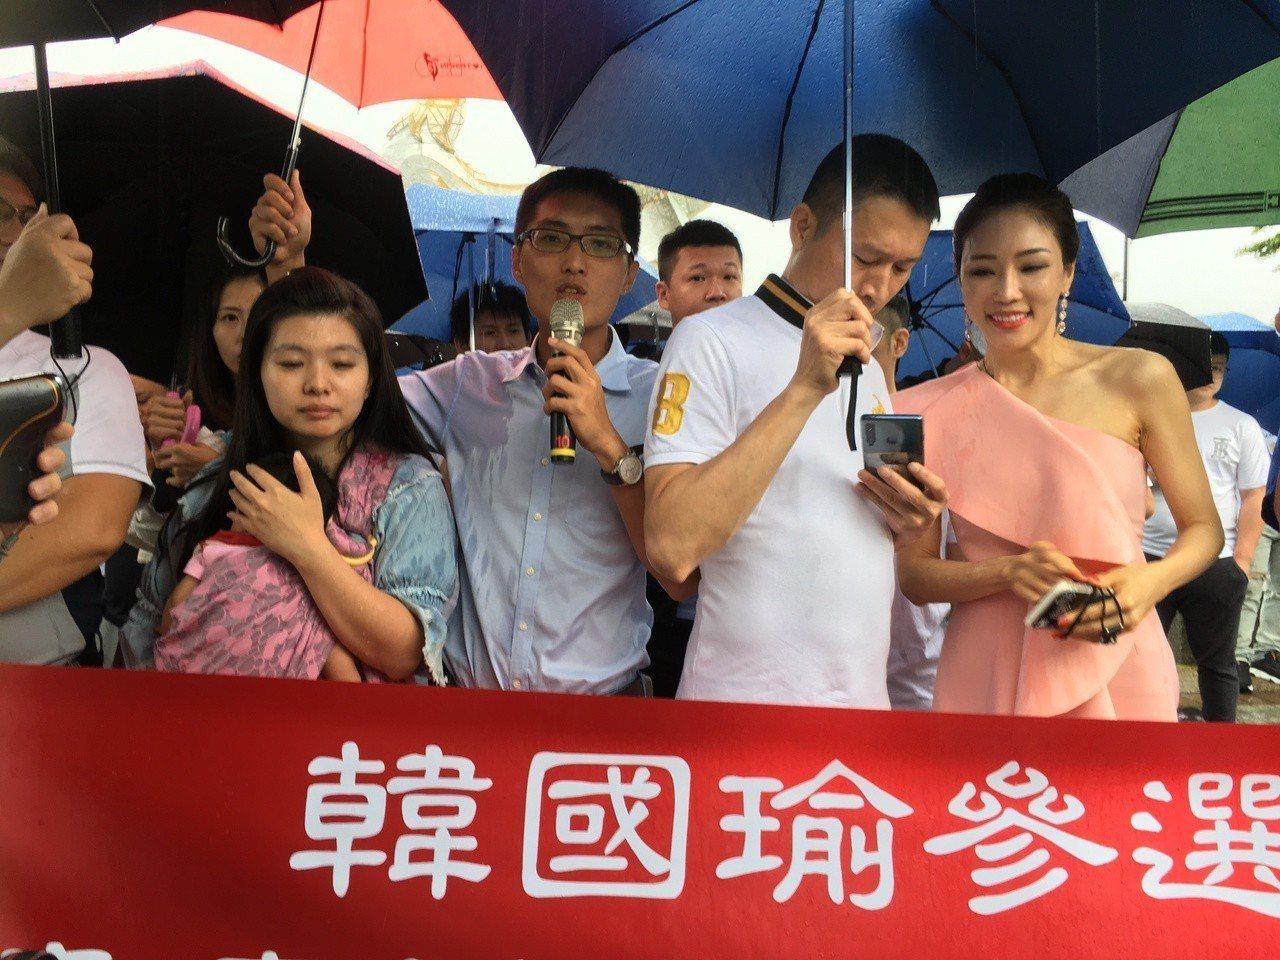 由韓粉自組成立的韓國瑜參選總統青年後援會,今天在雲林縣成軍,目前已有200多人報...